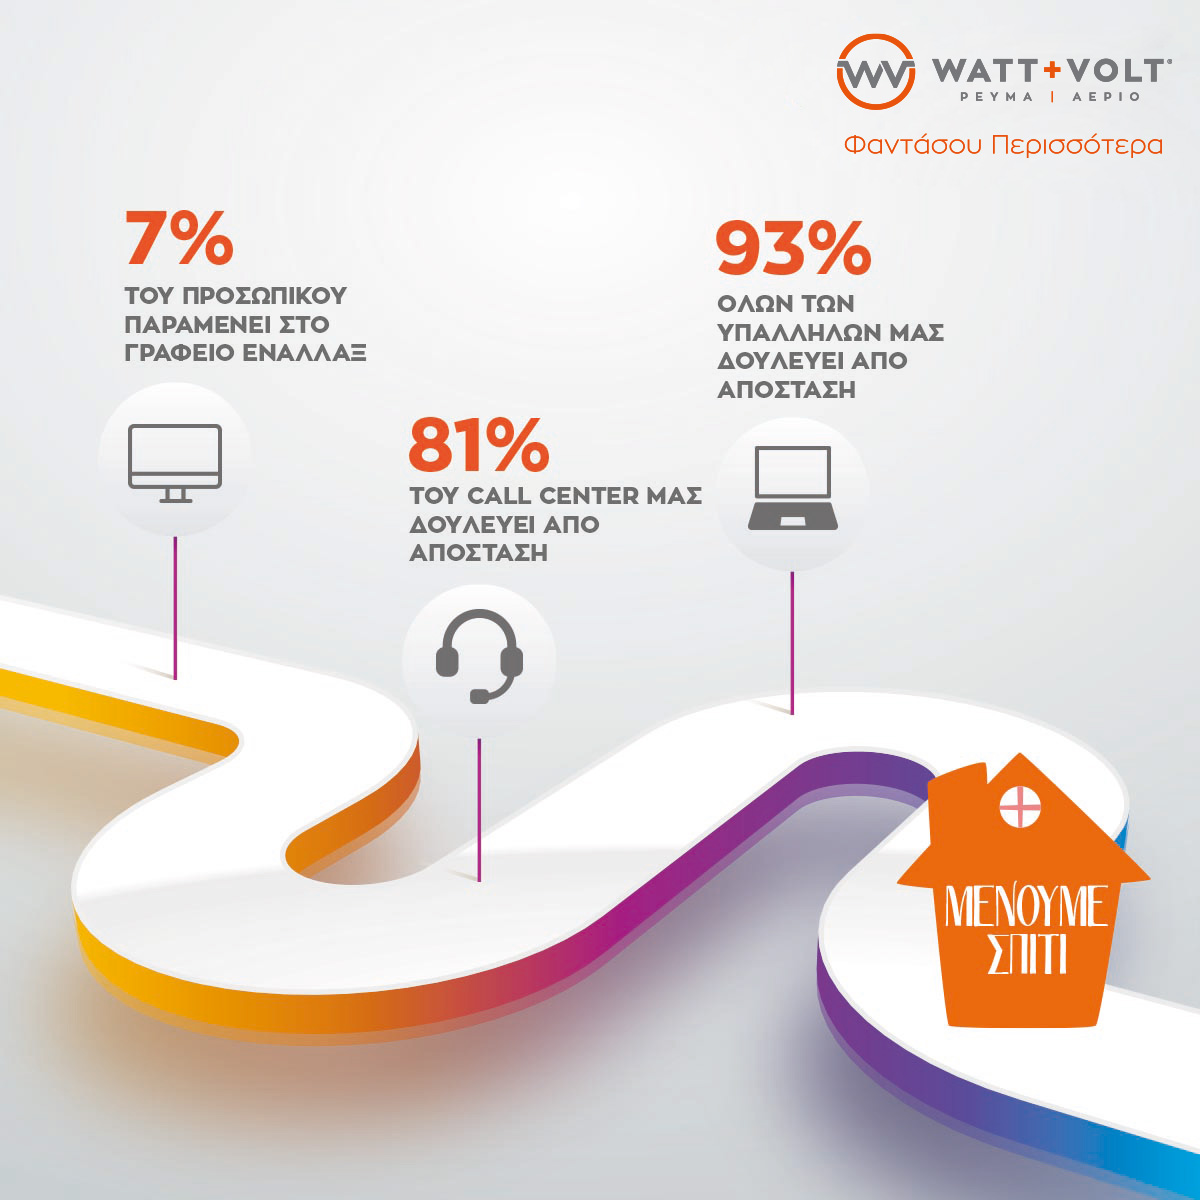 Ενέργειες Συνεισφοράς και Αλληλεγγύης από τη WATT+VOLT